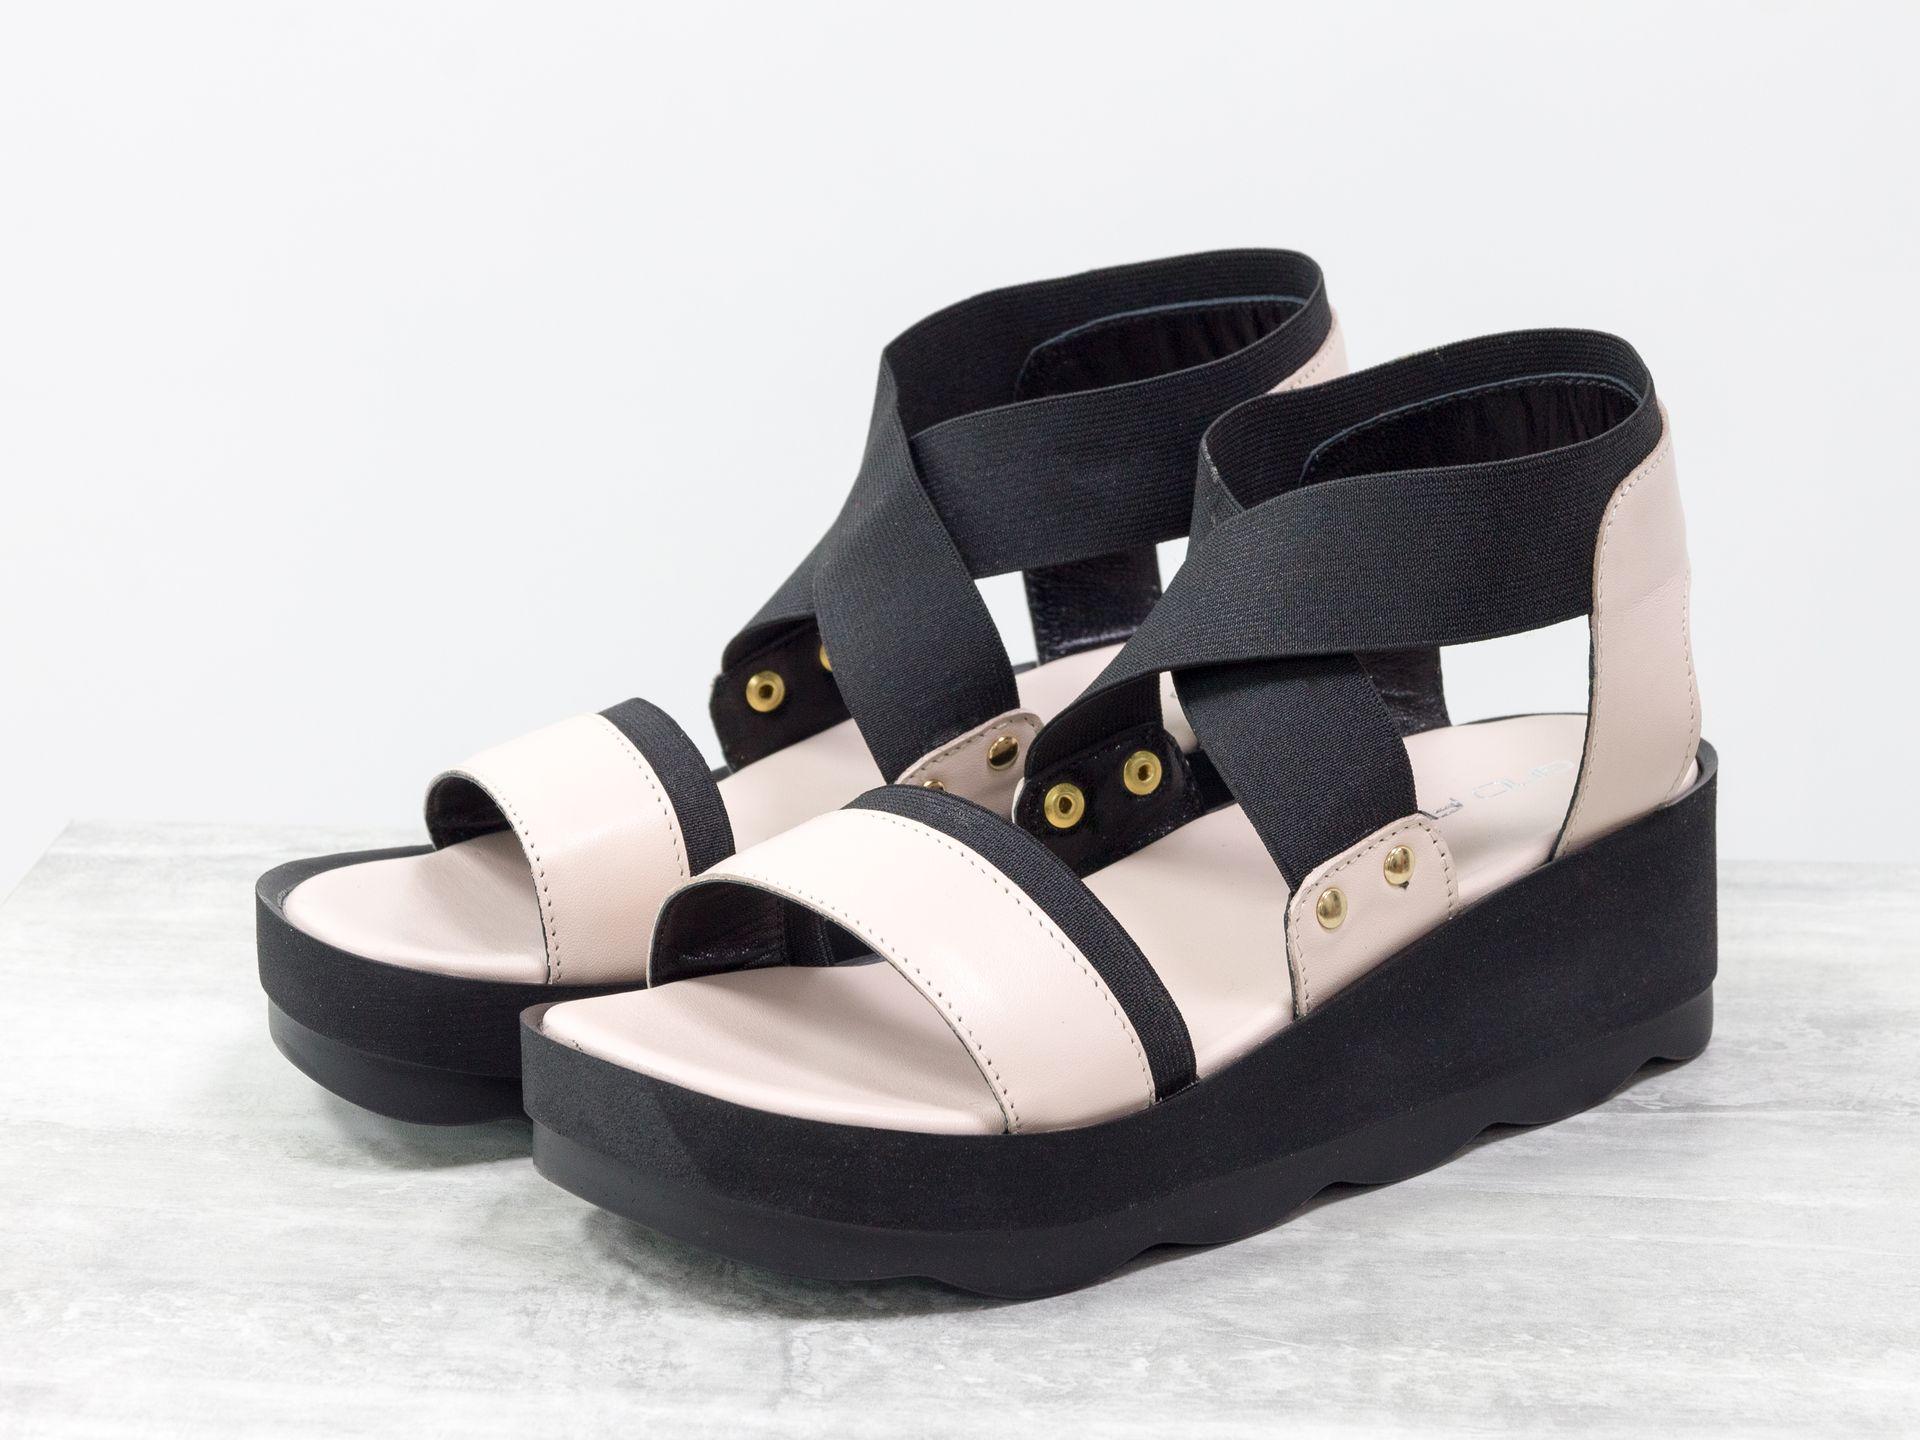 ef41400eb Новая коллекция обуви Весна-2018: самые актуальные тренды и самая модная  обувь!